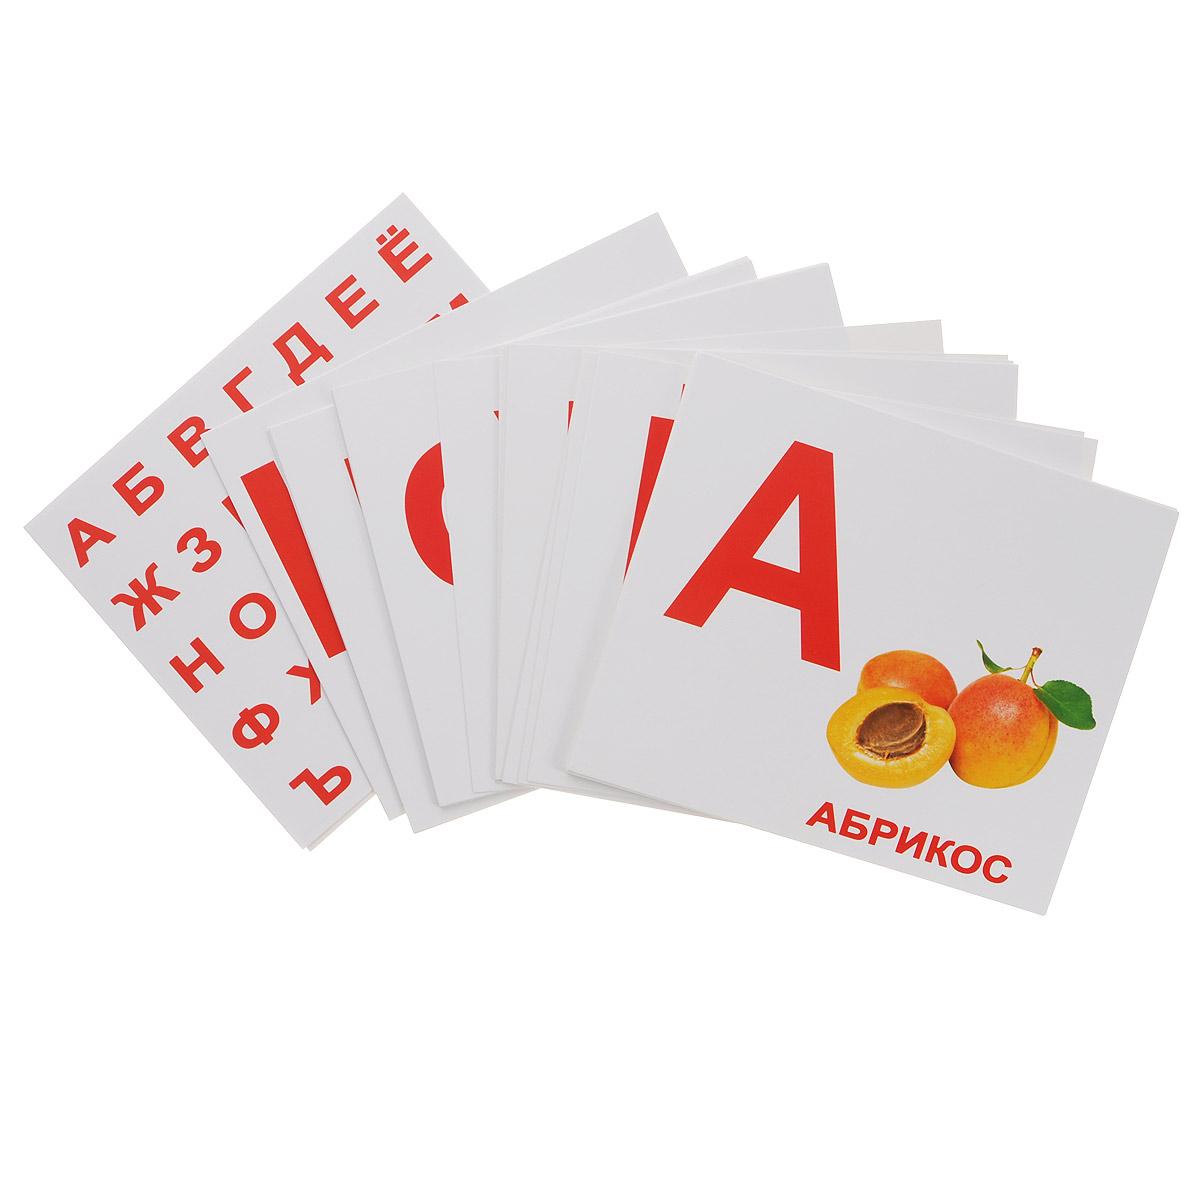 Набор обучающих карточек Вундеркинд с пеленок. Алфавит4612731631239Набор обучающих карточек Вундеркинд с пеленок. Алфавит прекрасно подойдет для обучения вашего ребенка. Он включает в себя 34 карточки. С одной стороны карточки представлено изображение буквы и объект на данную букву, а на обратной стороне задания и факты связанные с данной буквой. Кроме выполнения заданий, карточки можно использовать для игр. Занятия с такими карточками позволяют ребенку быстро усвоить названия букв, запомнить, как они пишутся, развивать у него интеллект и формировать фотографическую память. Обучение с таким великолепным набором для ребенка будет очень занимательным и интересным!